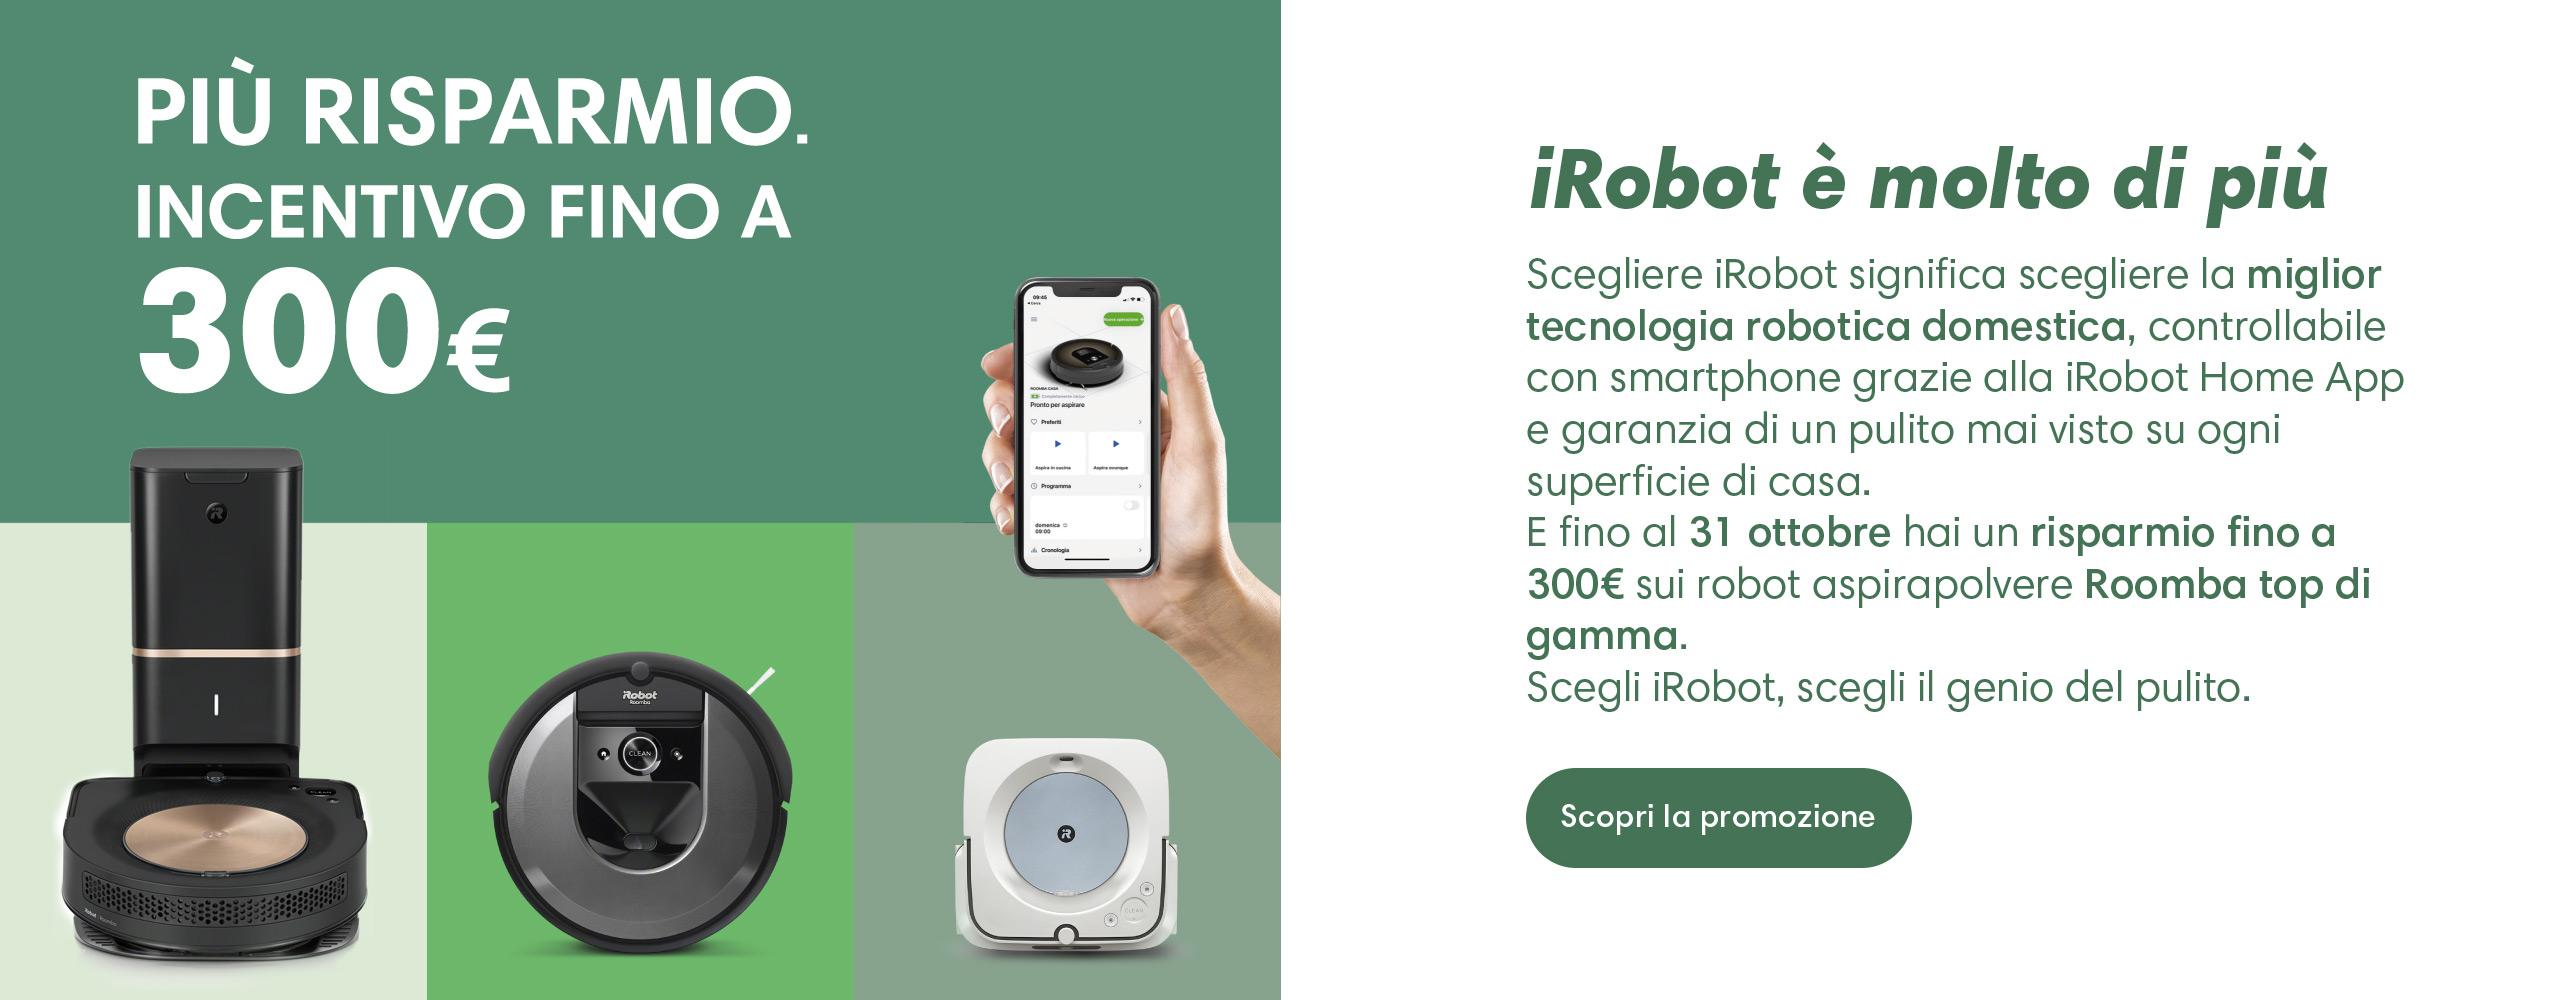 iRobot è molto di più